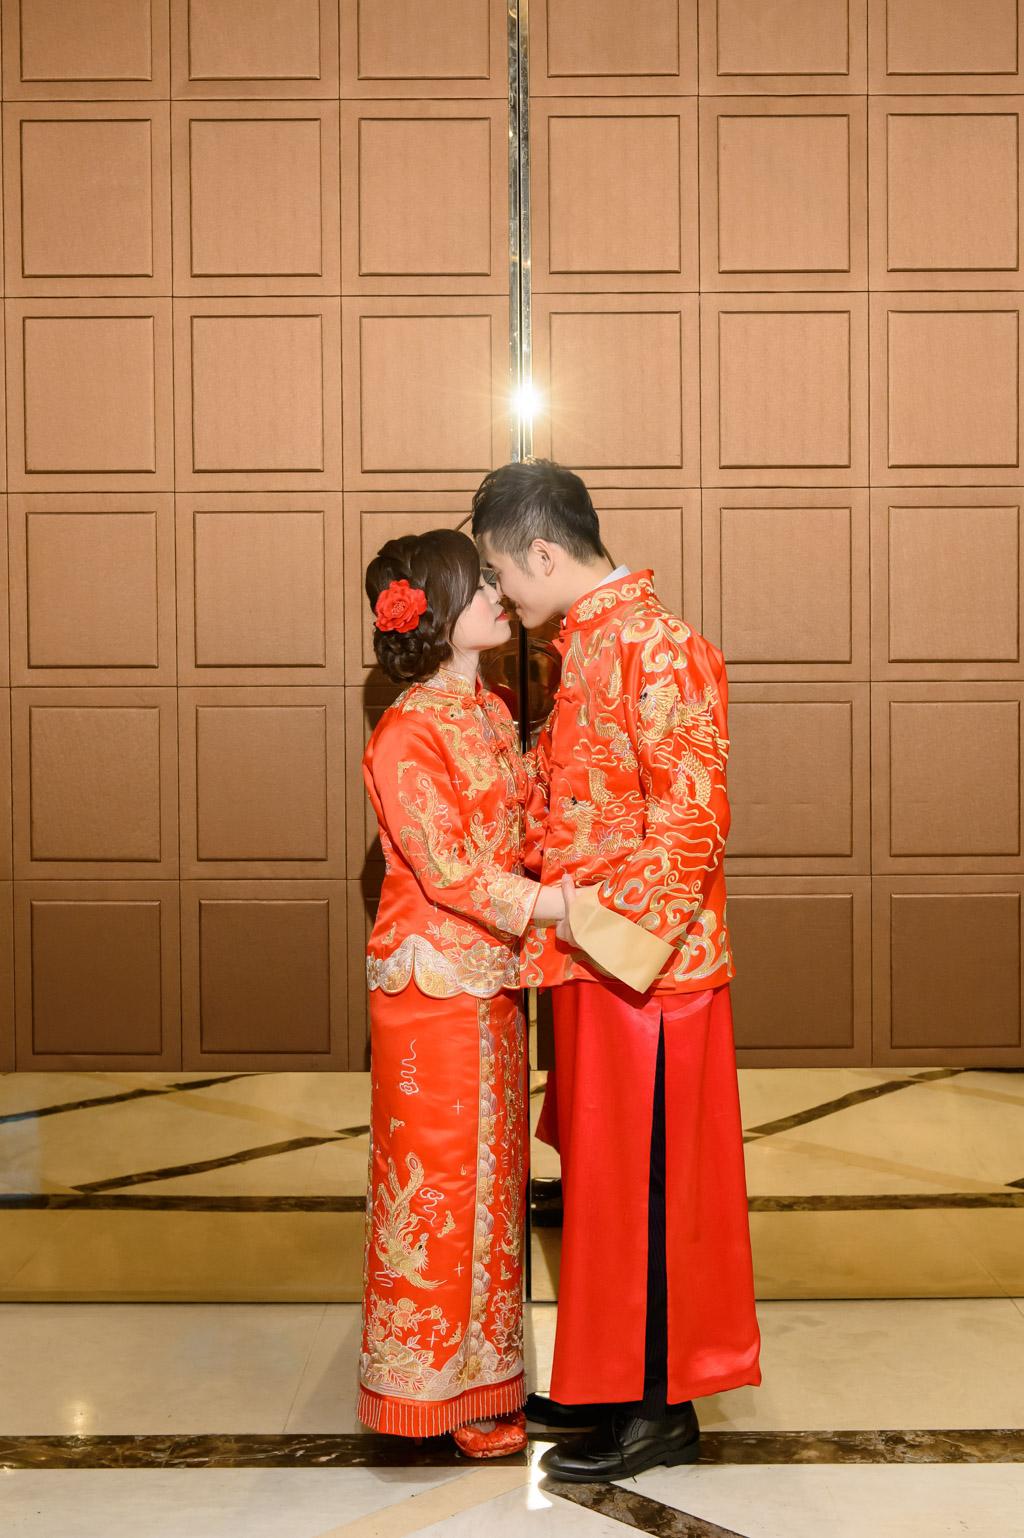 婚攝小勇, 小寶團隊, 台北婚攝, 中崙華漾, 中崙華漾婚宴, 中崙華漾婚攝, vivian, wedding day-078